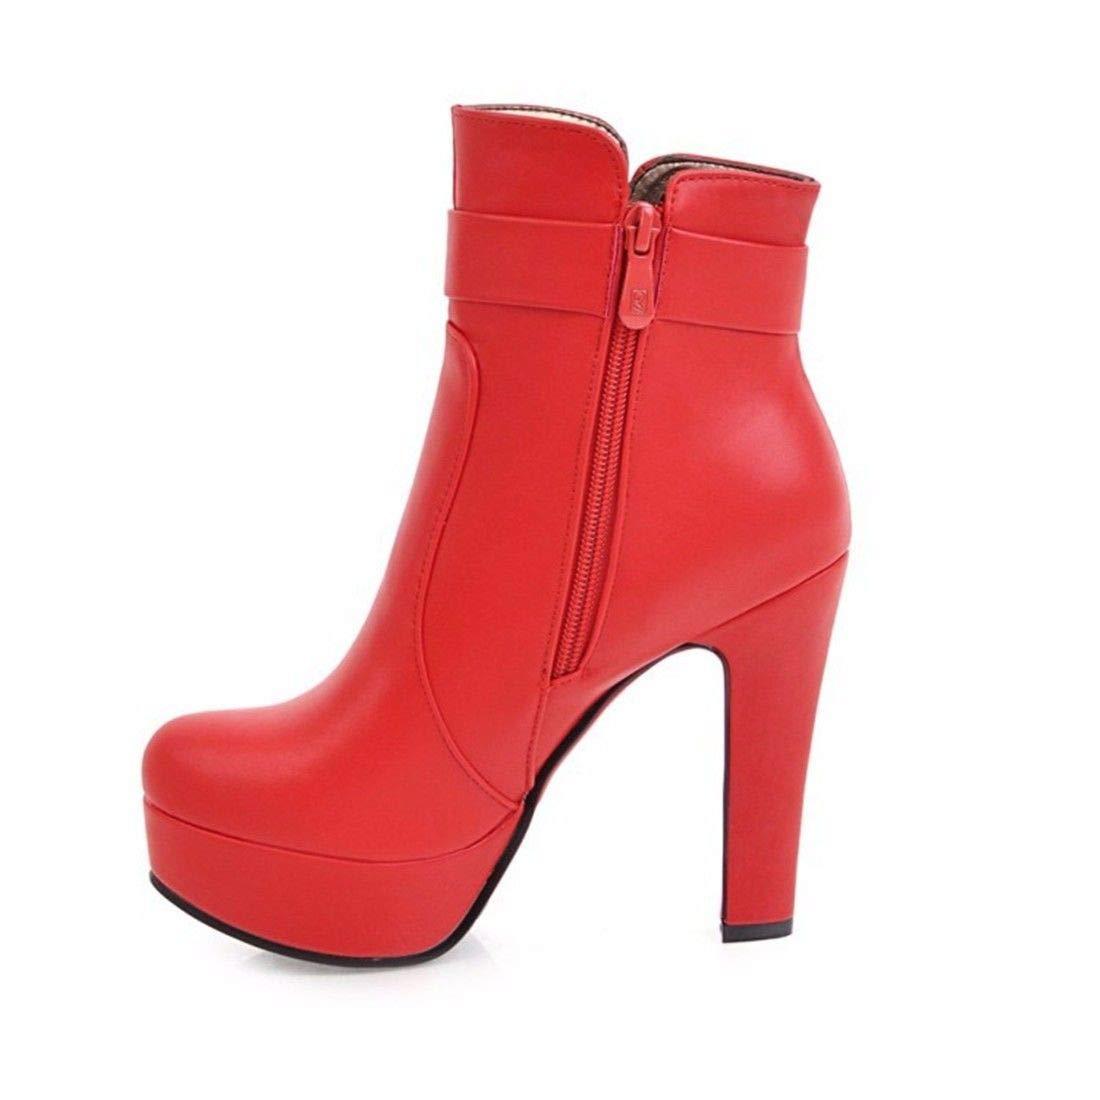 AIKAKA Frauen Herbst und Winter Winter Winter Europa und Amerika Sexy warme Kurze Stiefel High Heel Schuhe Stiefel be2a22